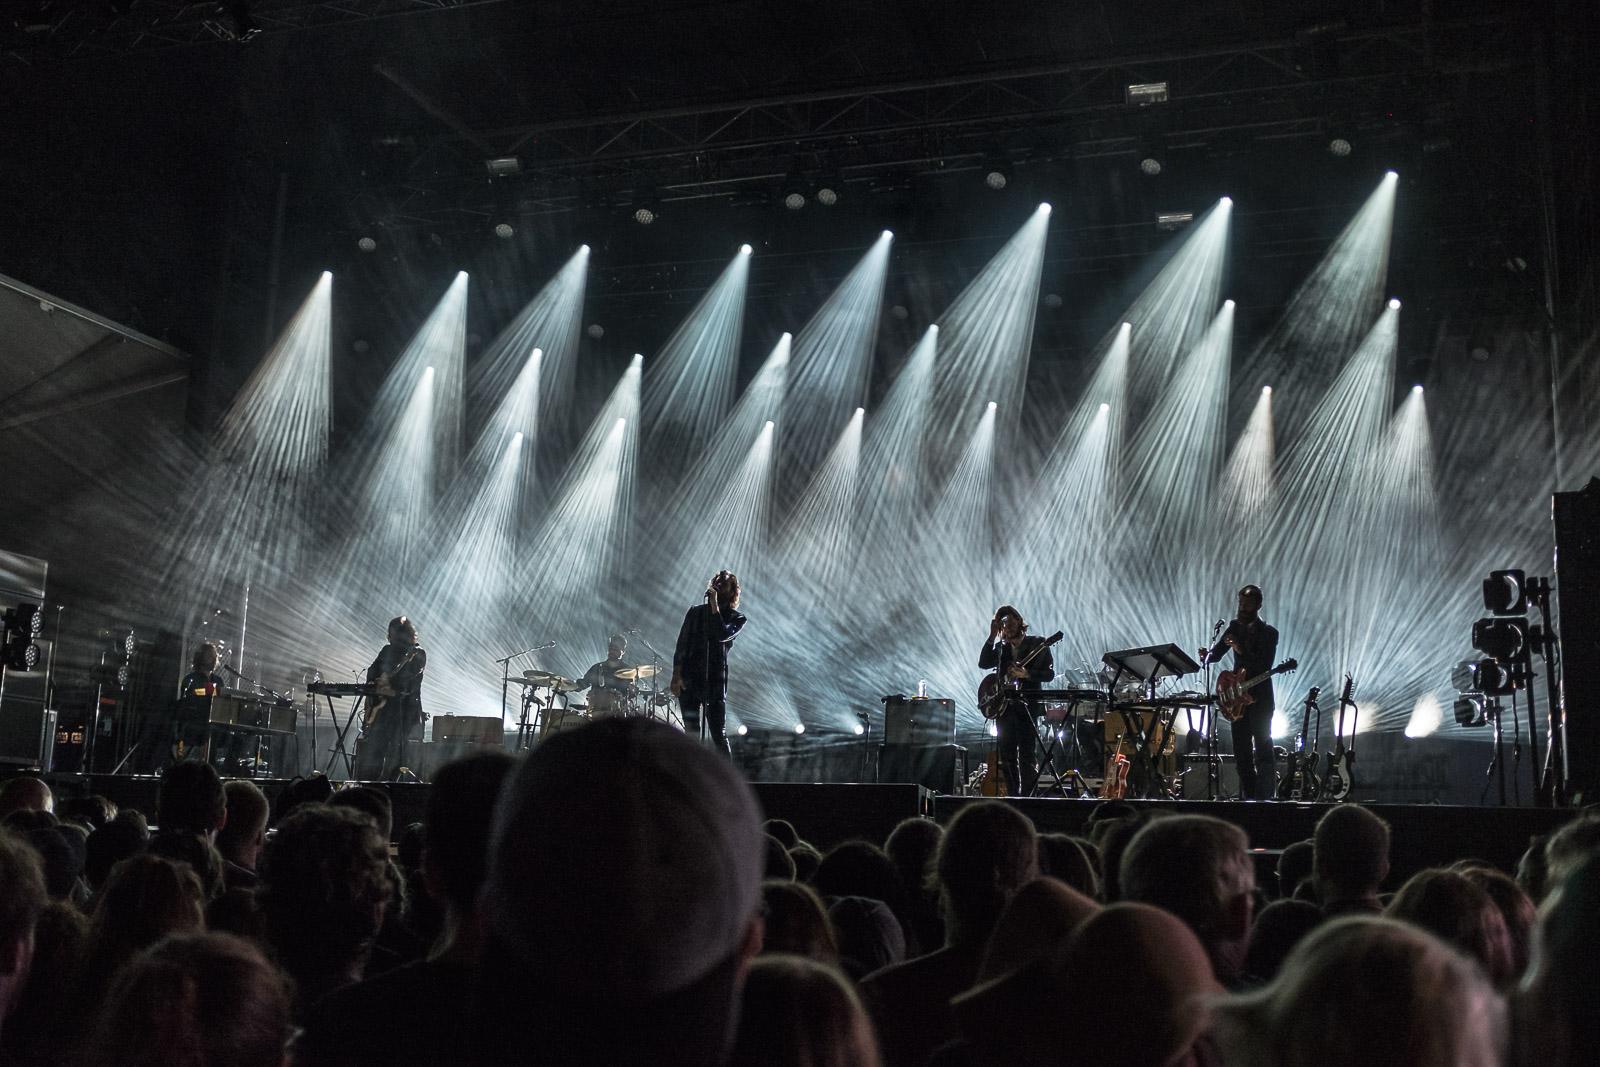 rock concert picture by Susan Bahen